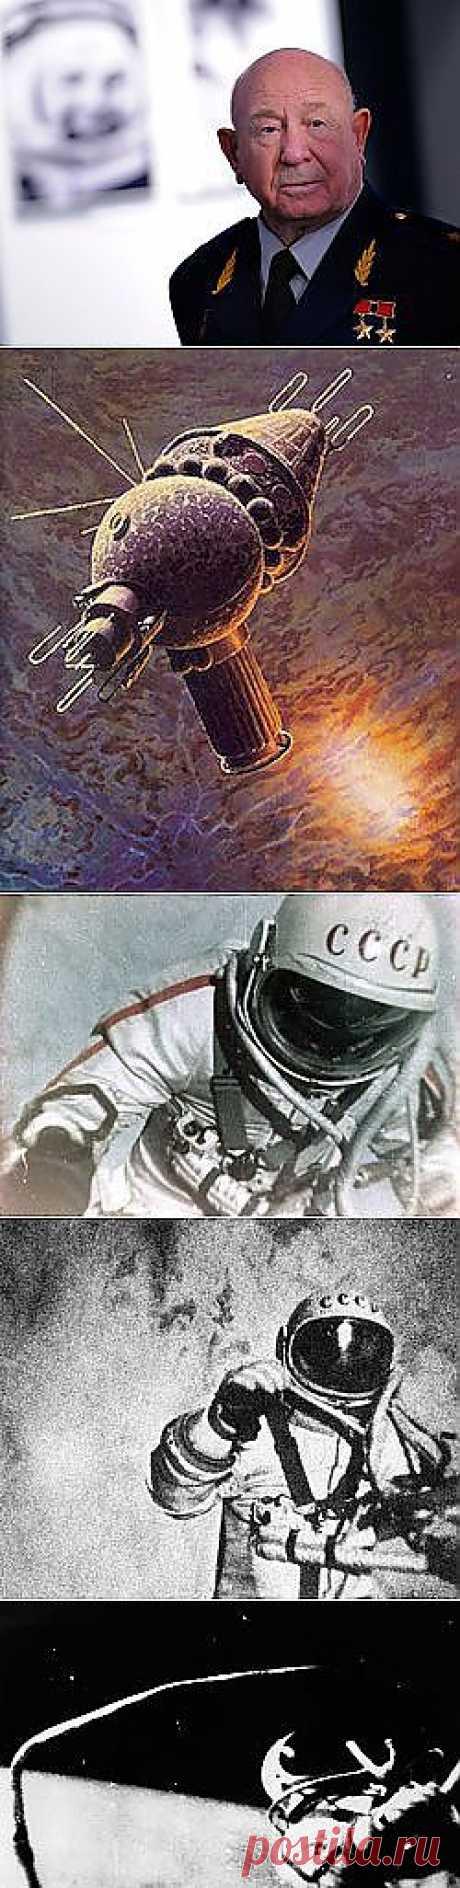 Первый в открытом космосе! | НАУКА И ЖИЗНЬ | апельсин   Кстати , это мой земляк !